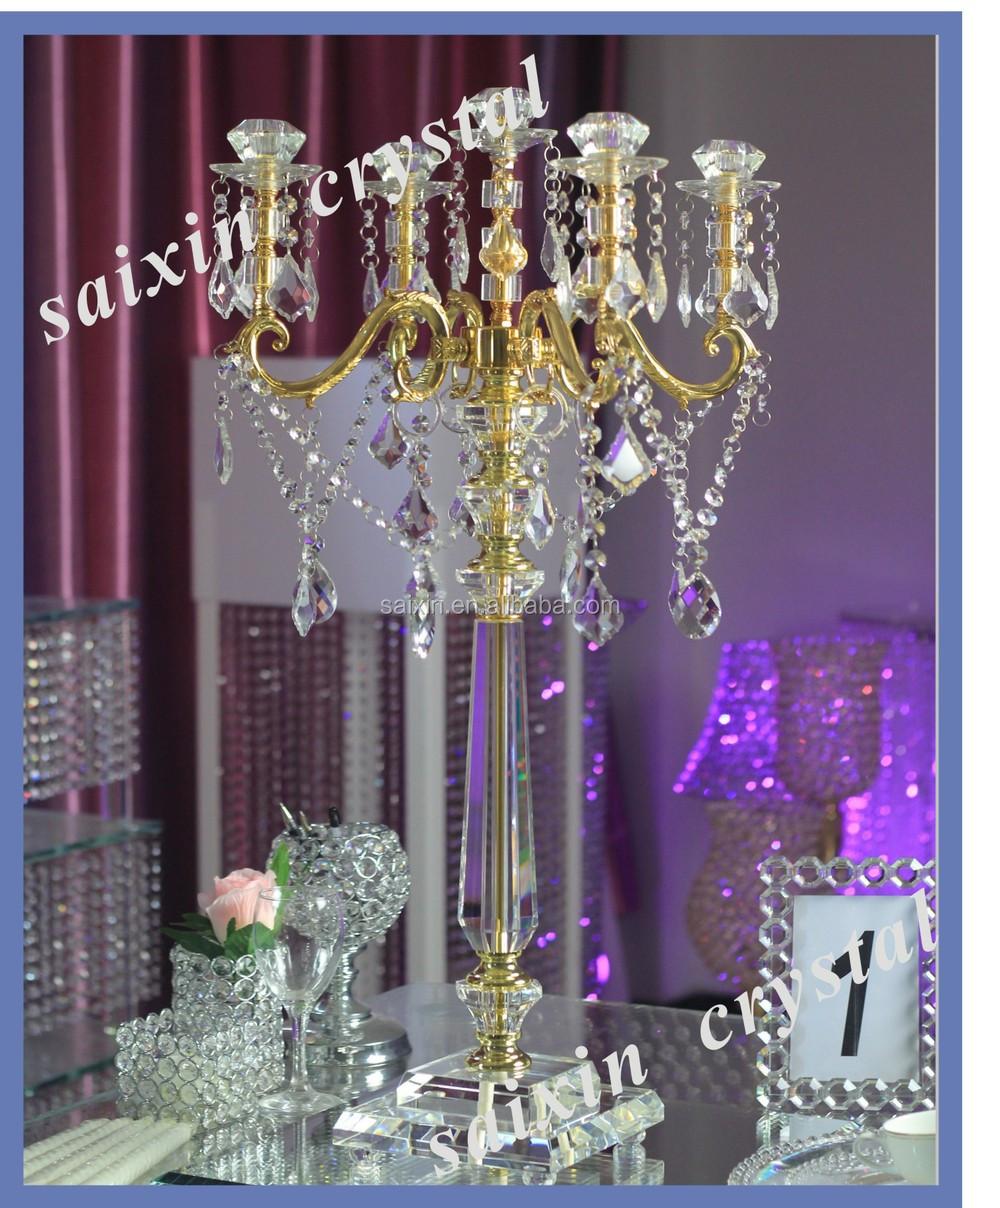 New design wedding centerpieces gold candelabra